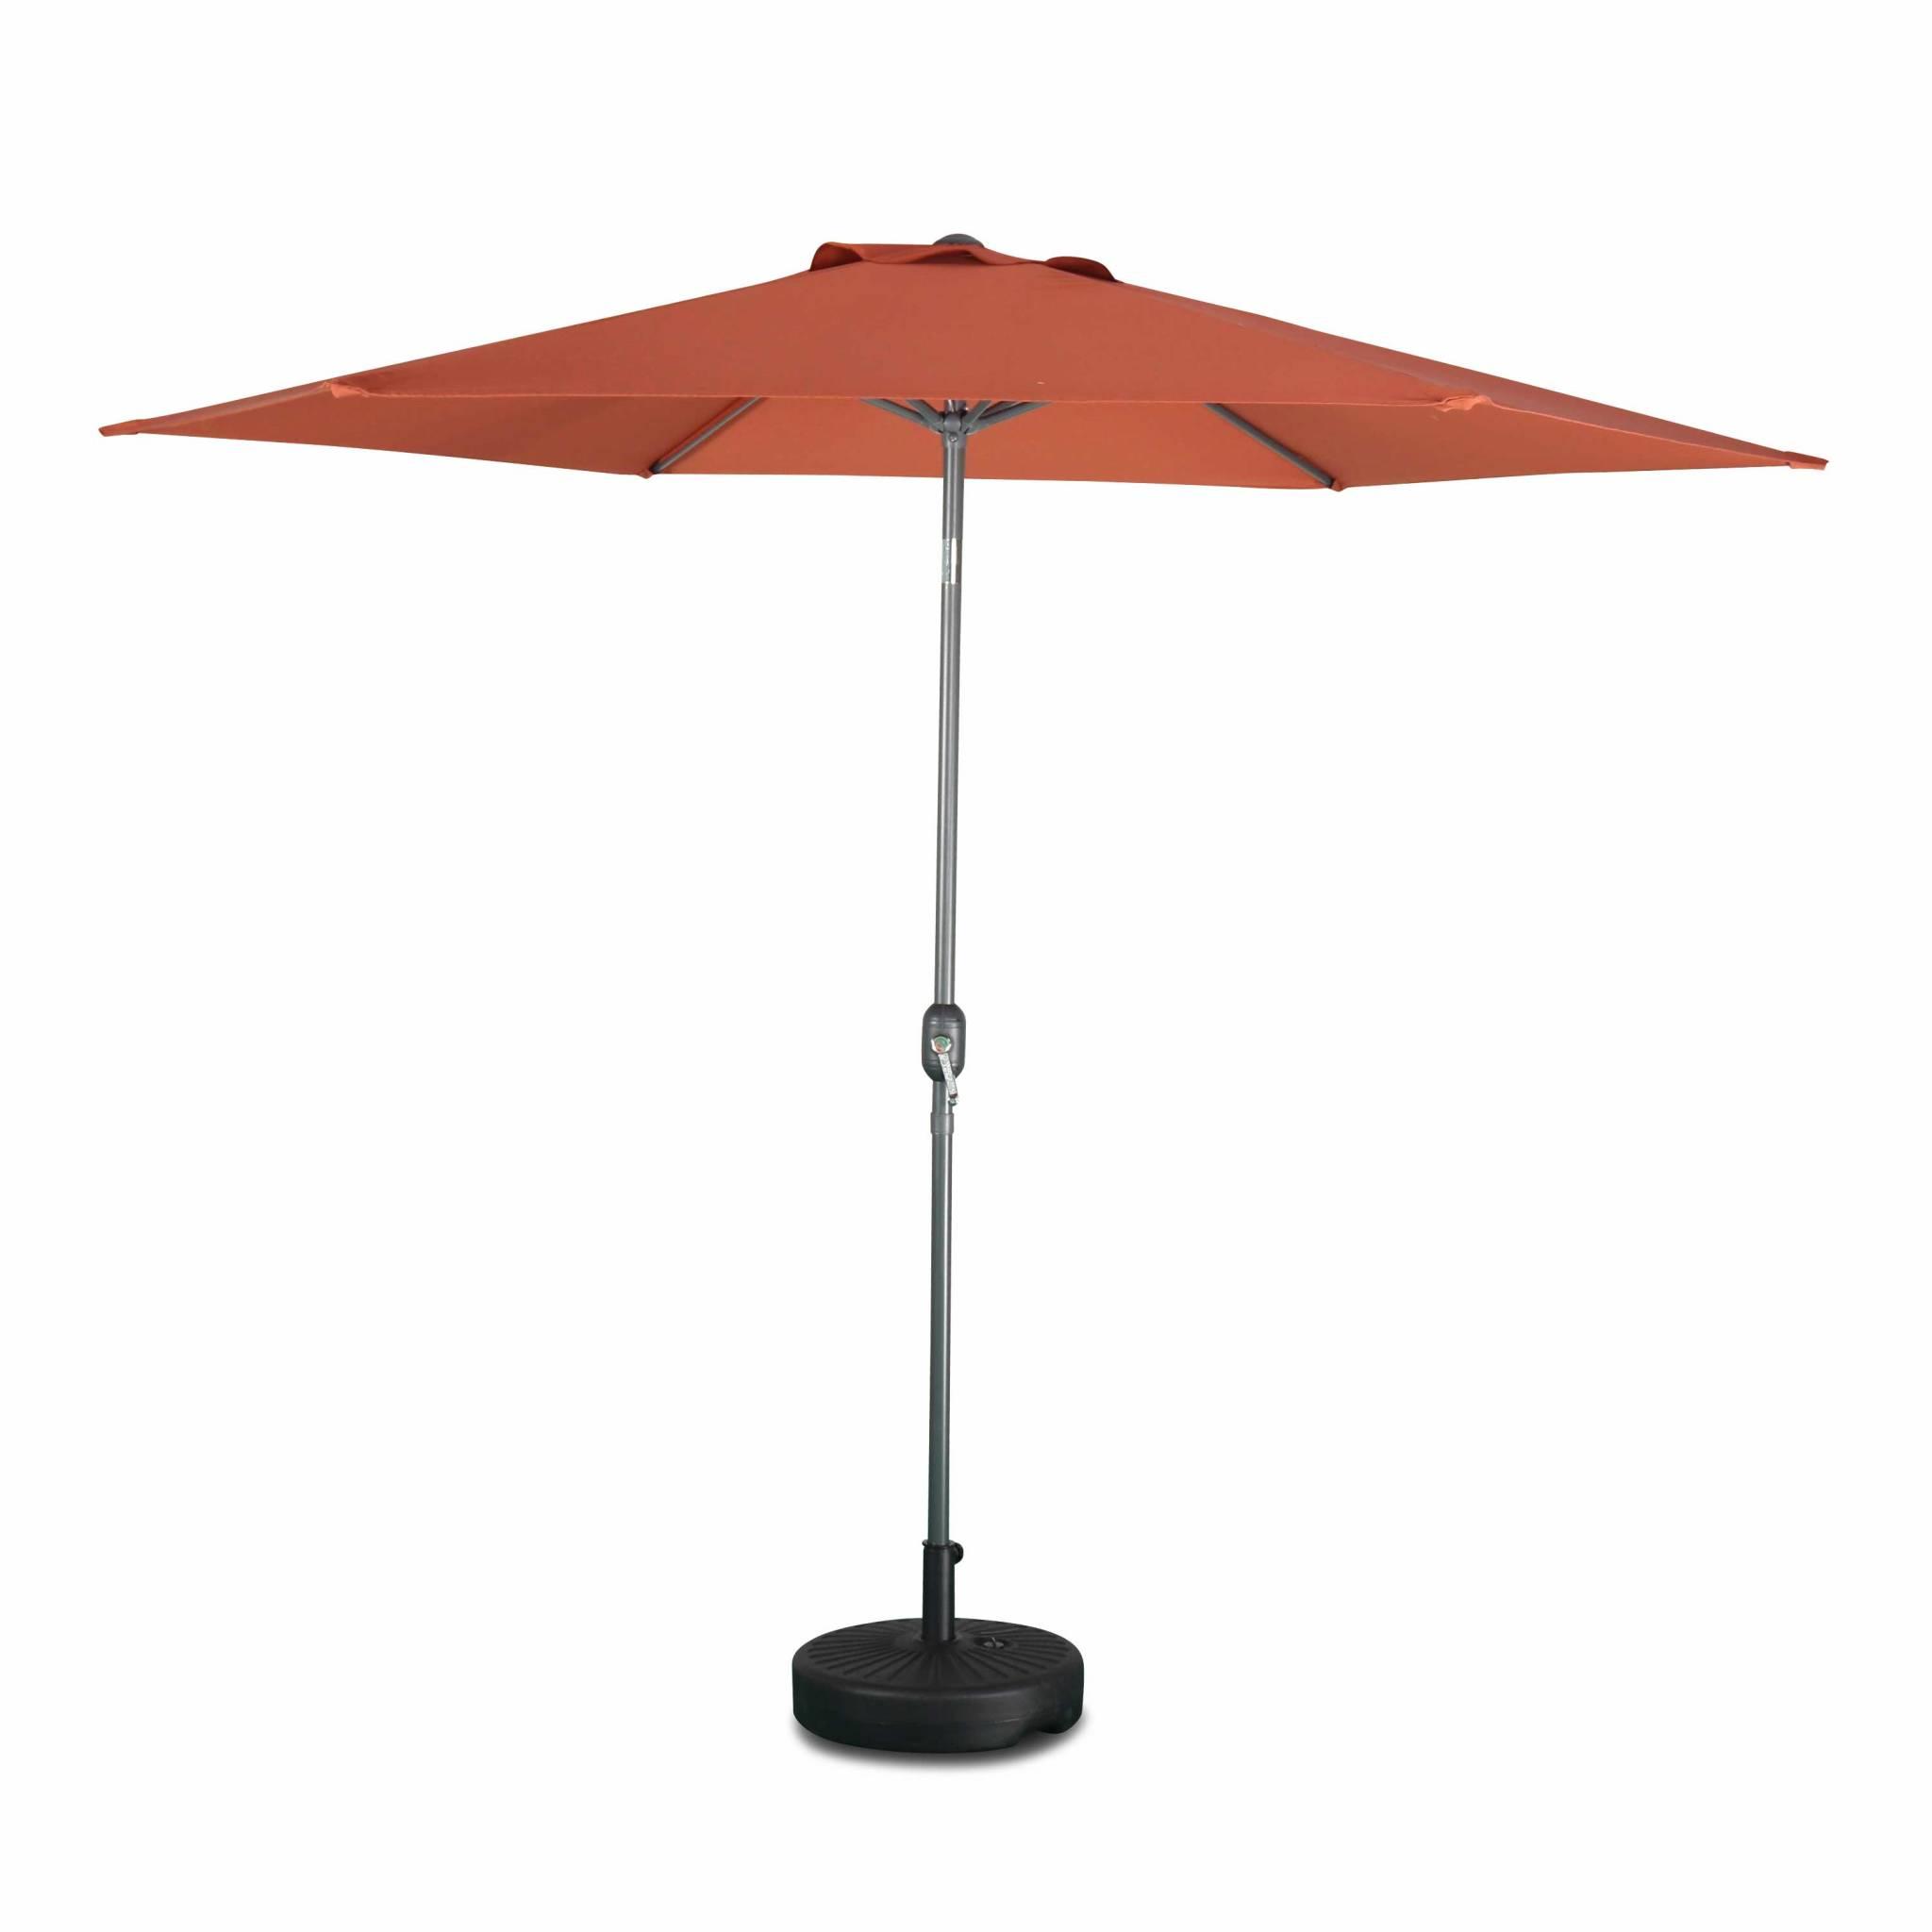 Parasol droit touquet rond ⌀300cm terracotta mât central aluminium